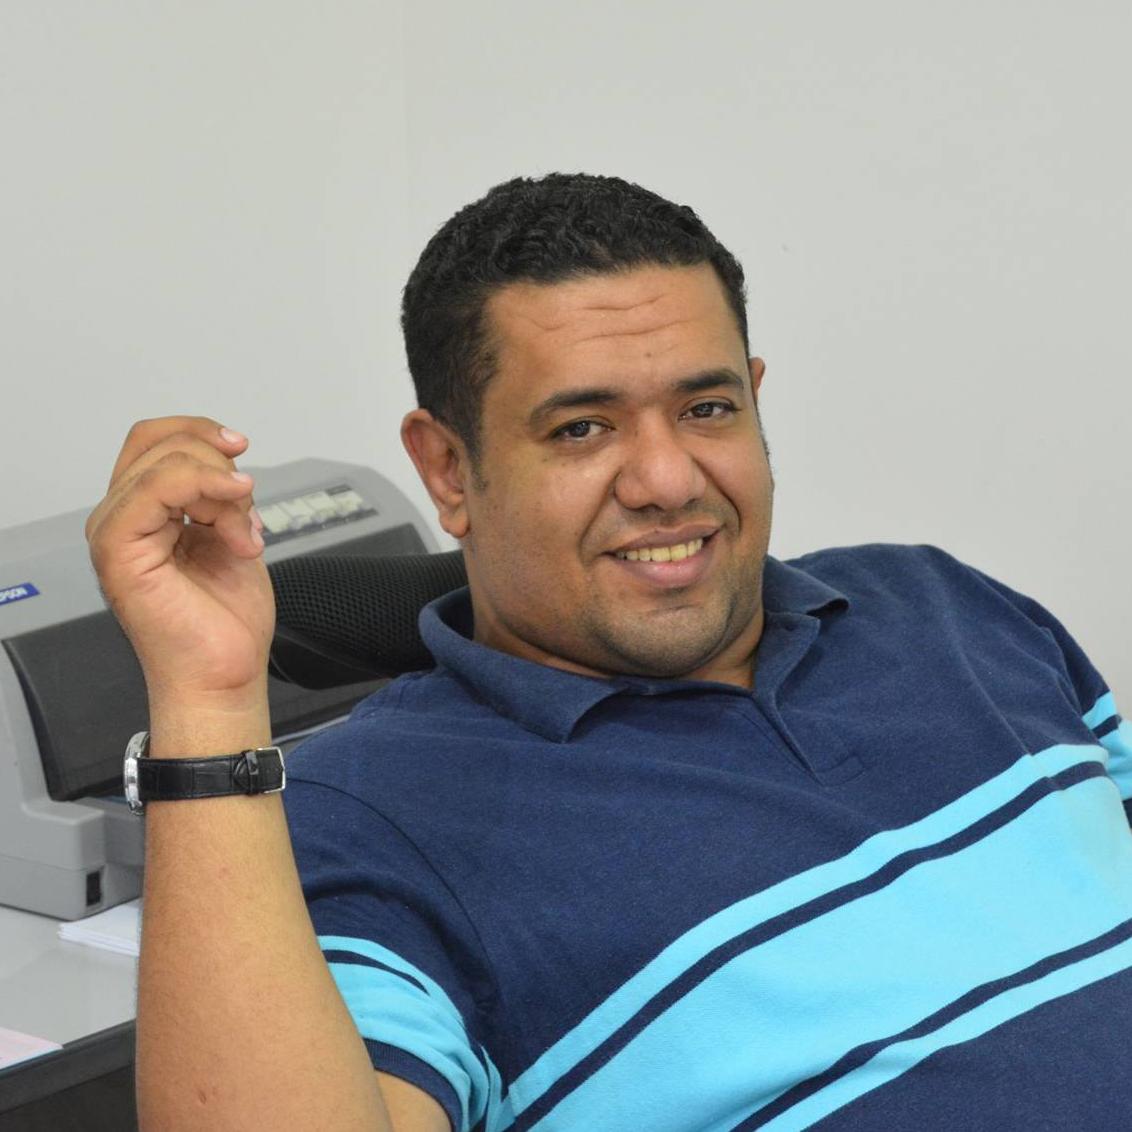 Ahmed Sleem